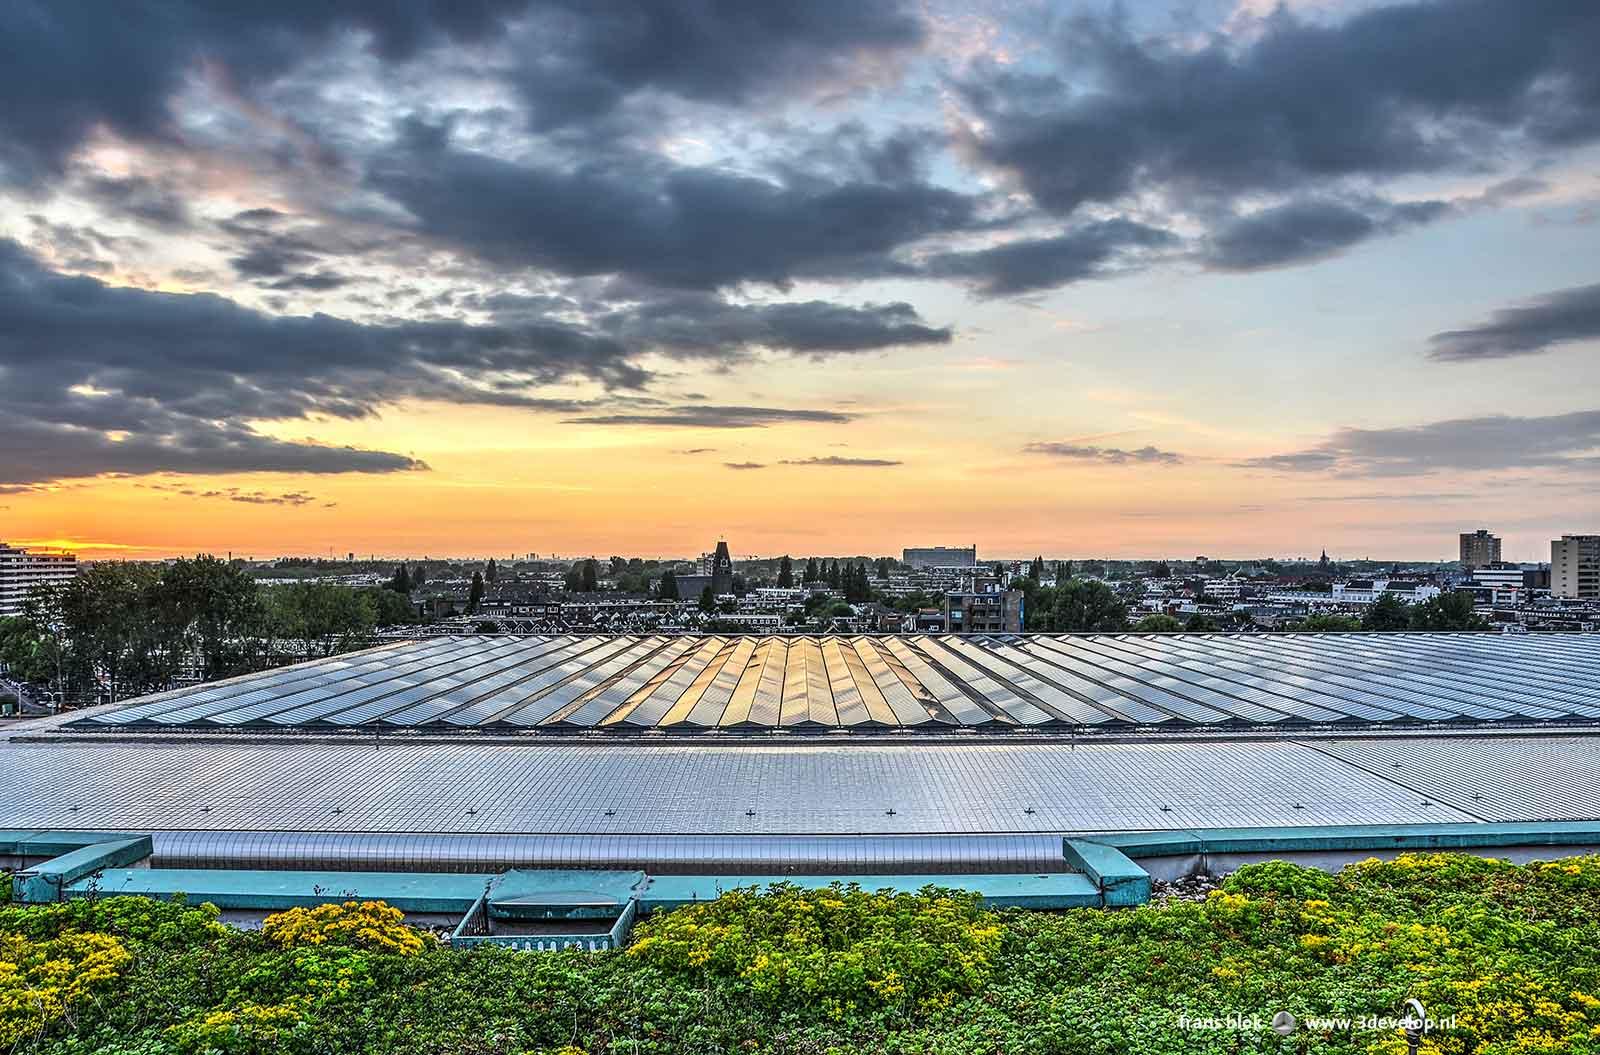 Het dak van het Centraal Station, roestvrijstaal en glas, gezien vanaf het dak van het Groothandelsgebouw bij zonsondergang, met een veldje sedum op de voorgrond.